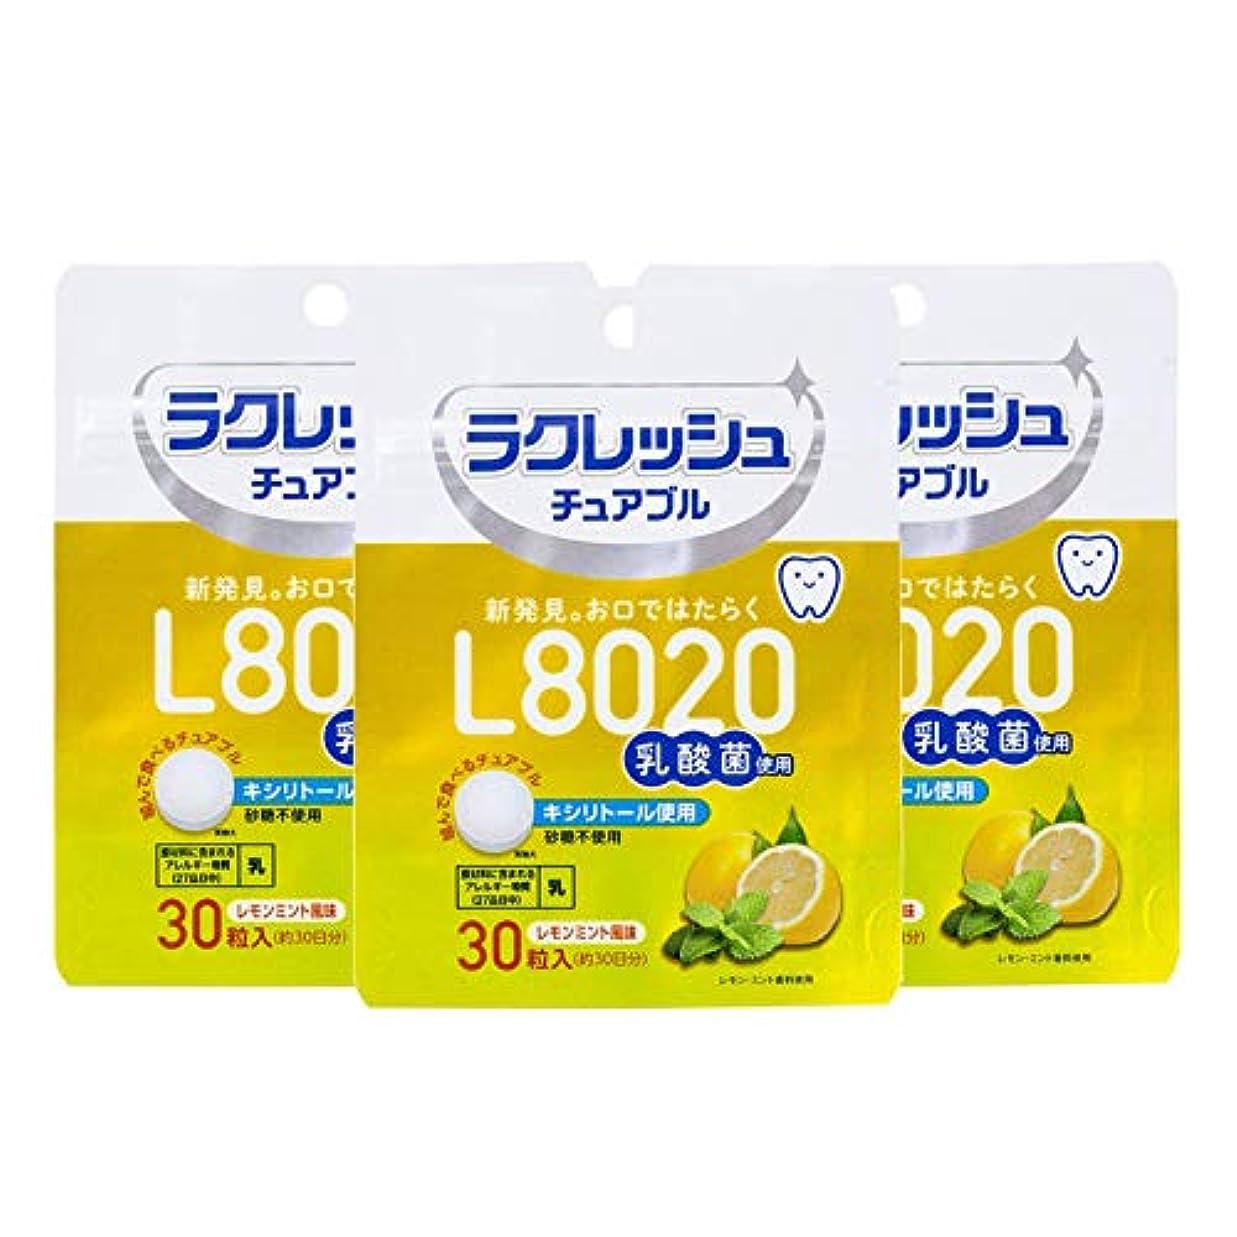 トランスペアレント宗教的な成熟L8020乳酸菌ラクレッシュ チュアブル レモンミント風味(30粒) 3袋 タブレット